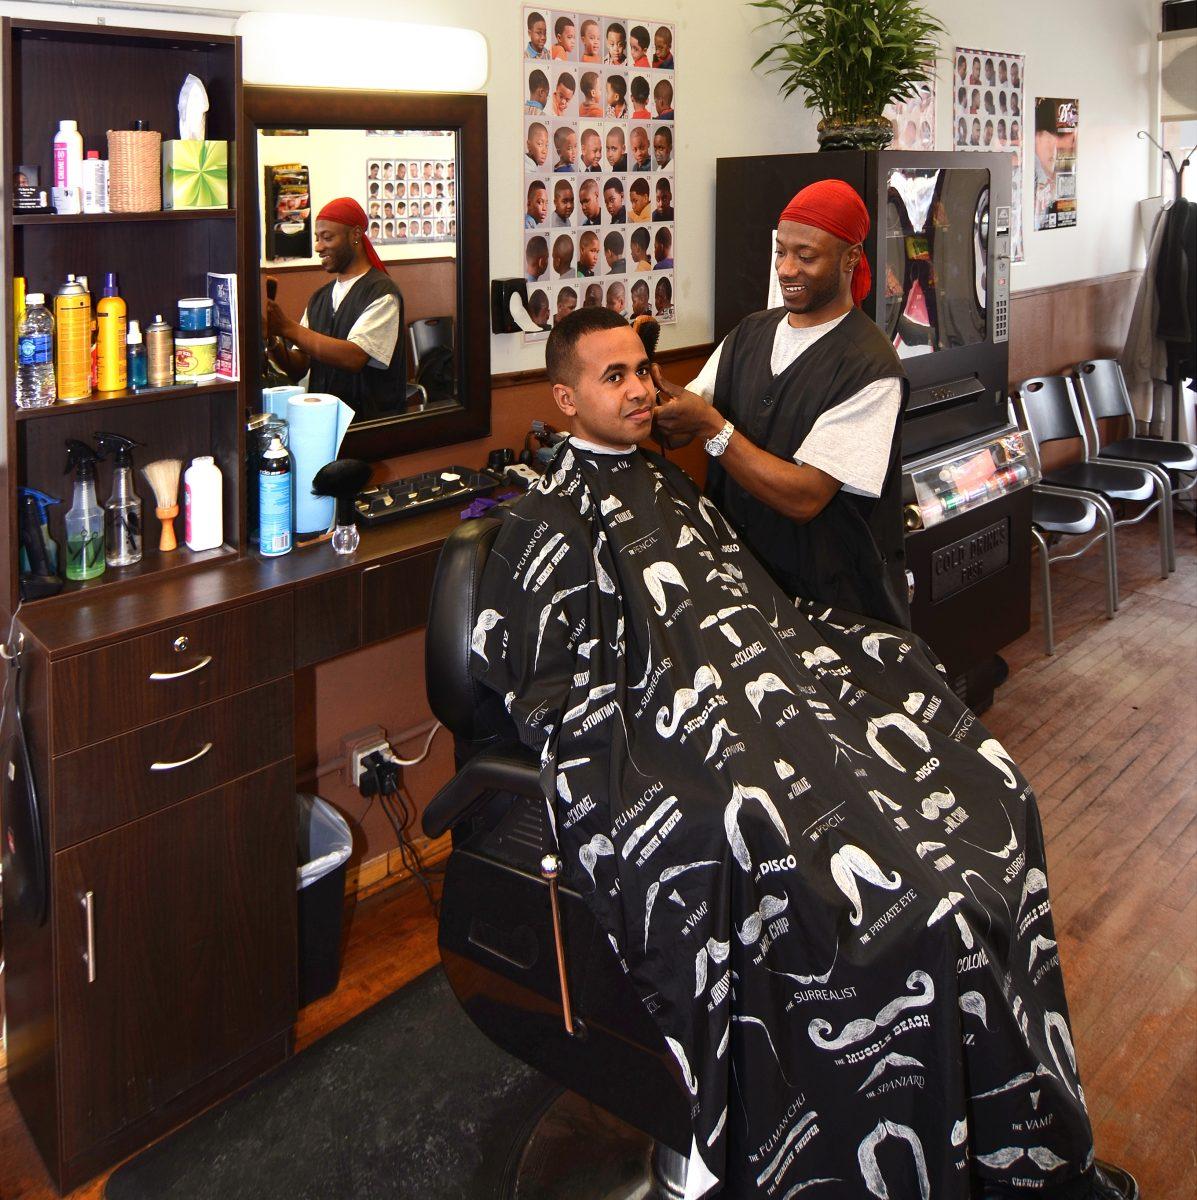 LV's Barber Shop